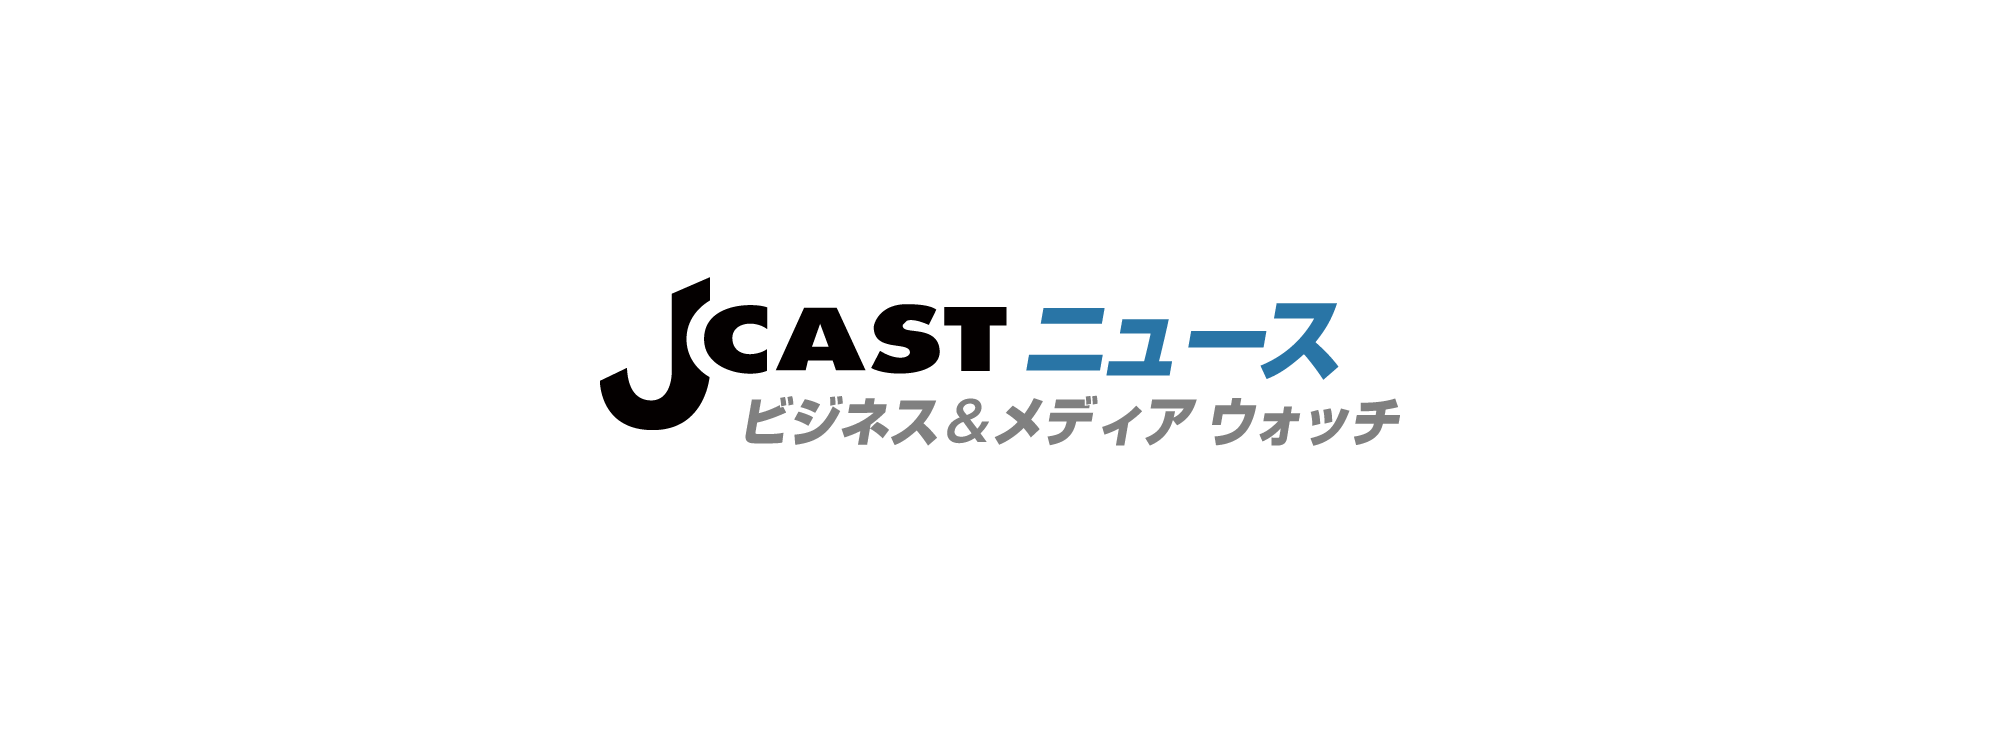 「コンビニ離れ」が始まった!便利で安いネット通販に流れる消費者 : J-CASTテレビウォッチ